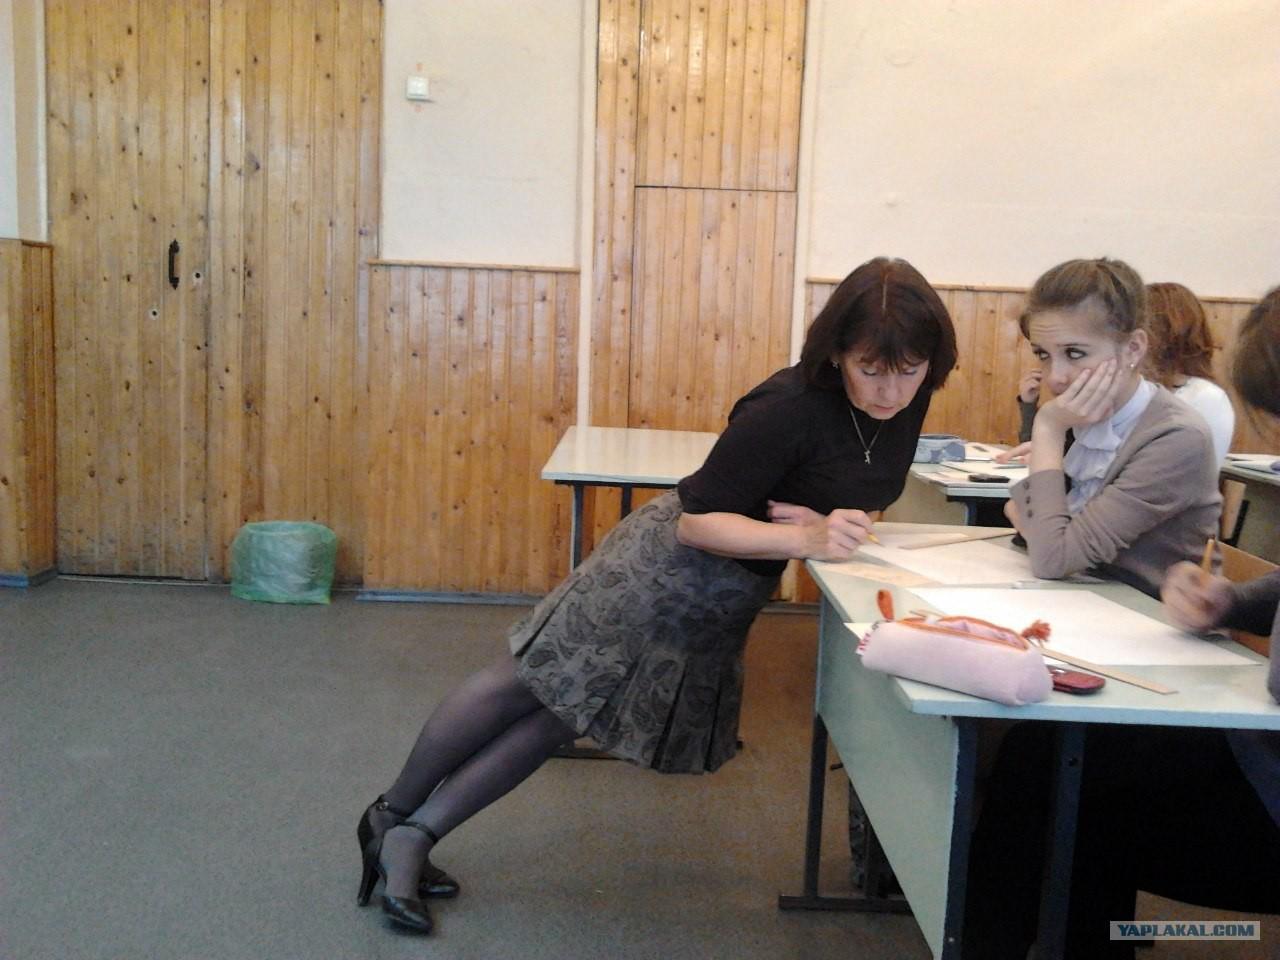 Ученицу имеют на парте русское 11 фотография